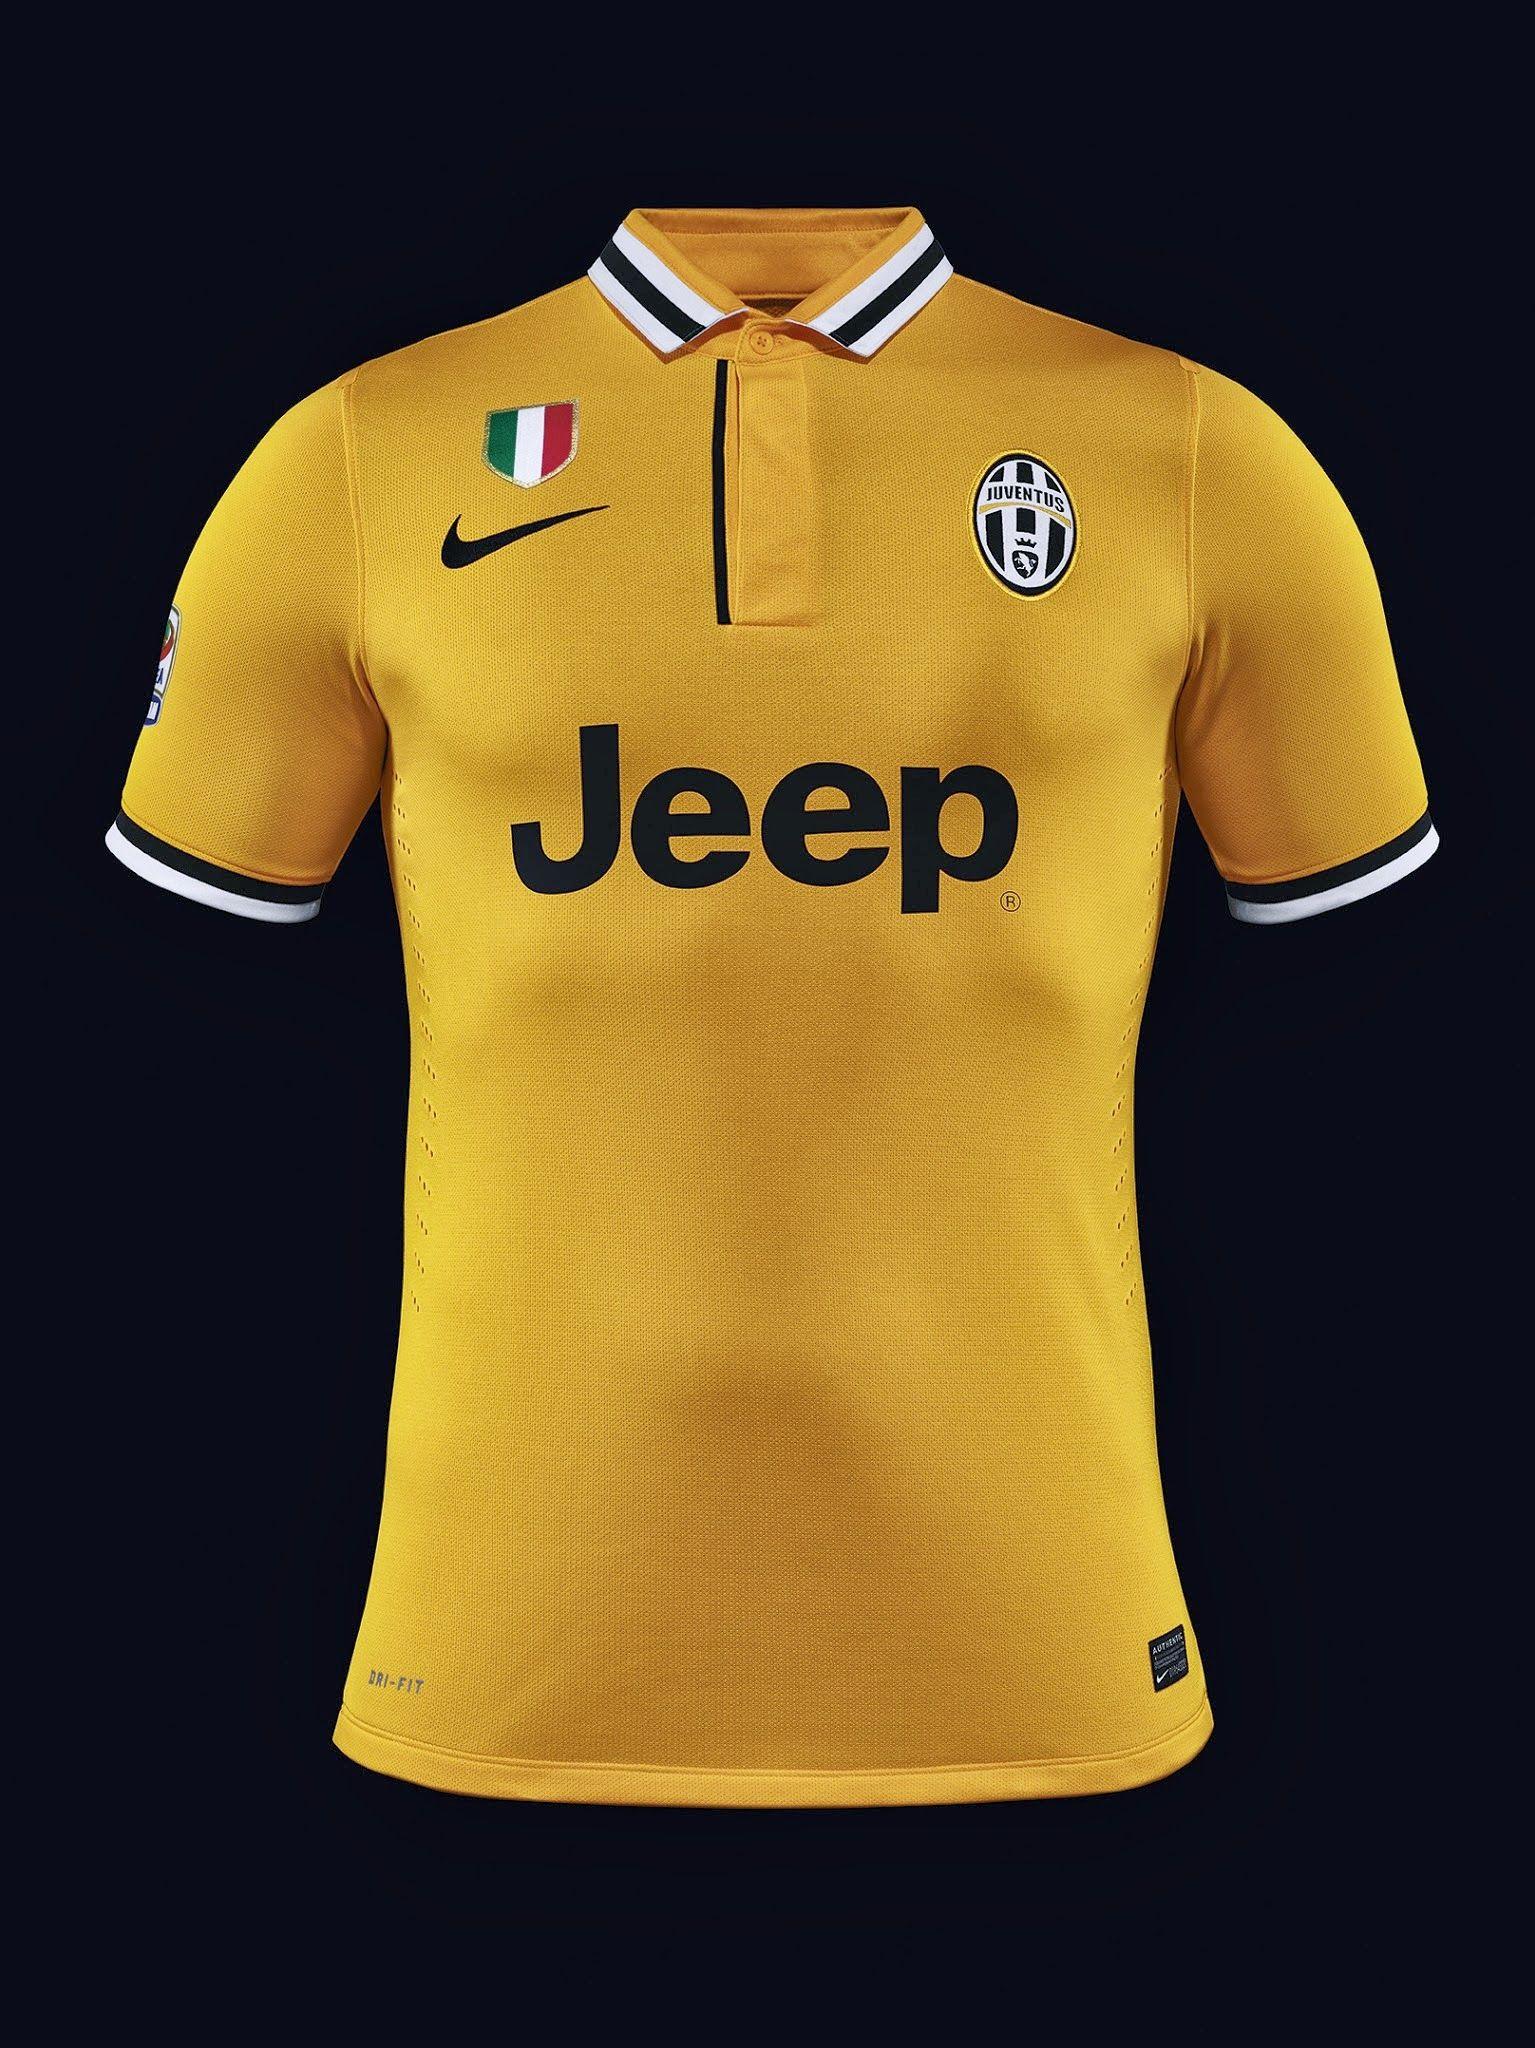 f24513afc Juventus Away Kit 2013 - 2014